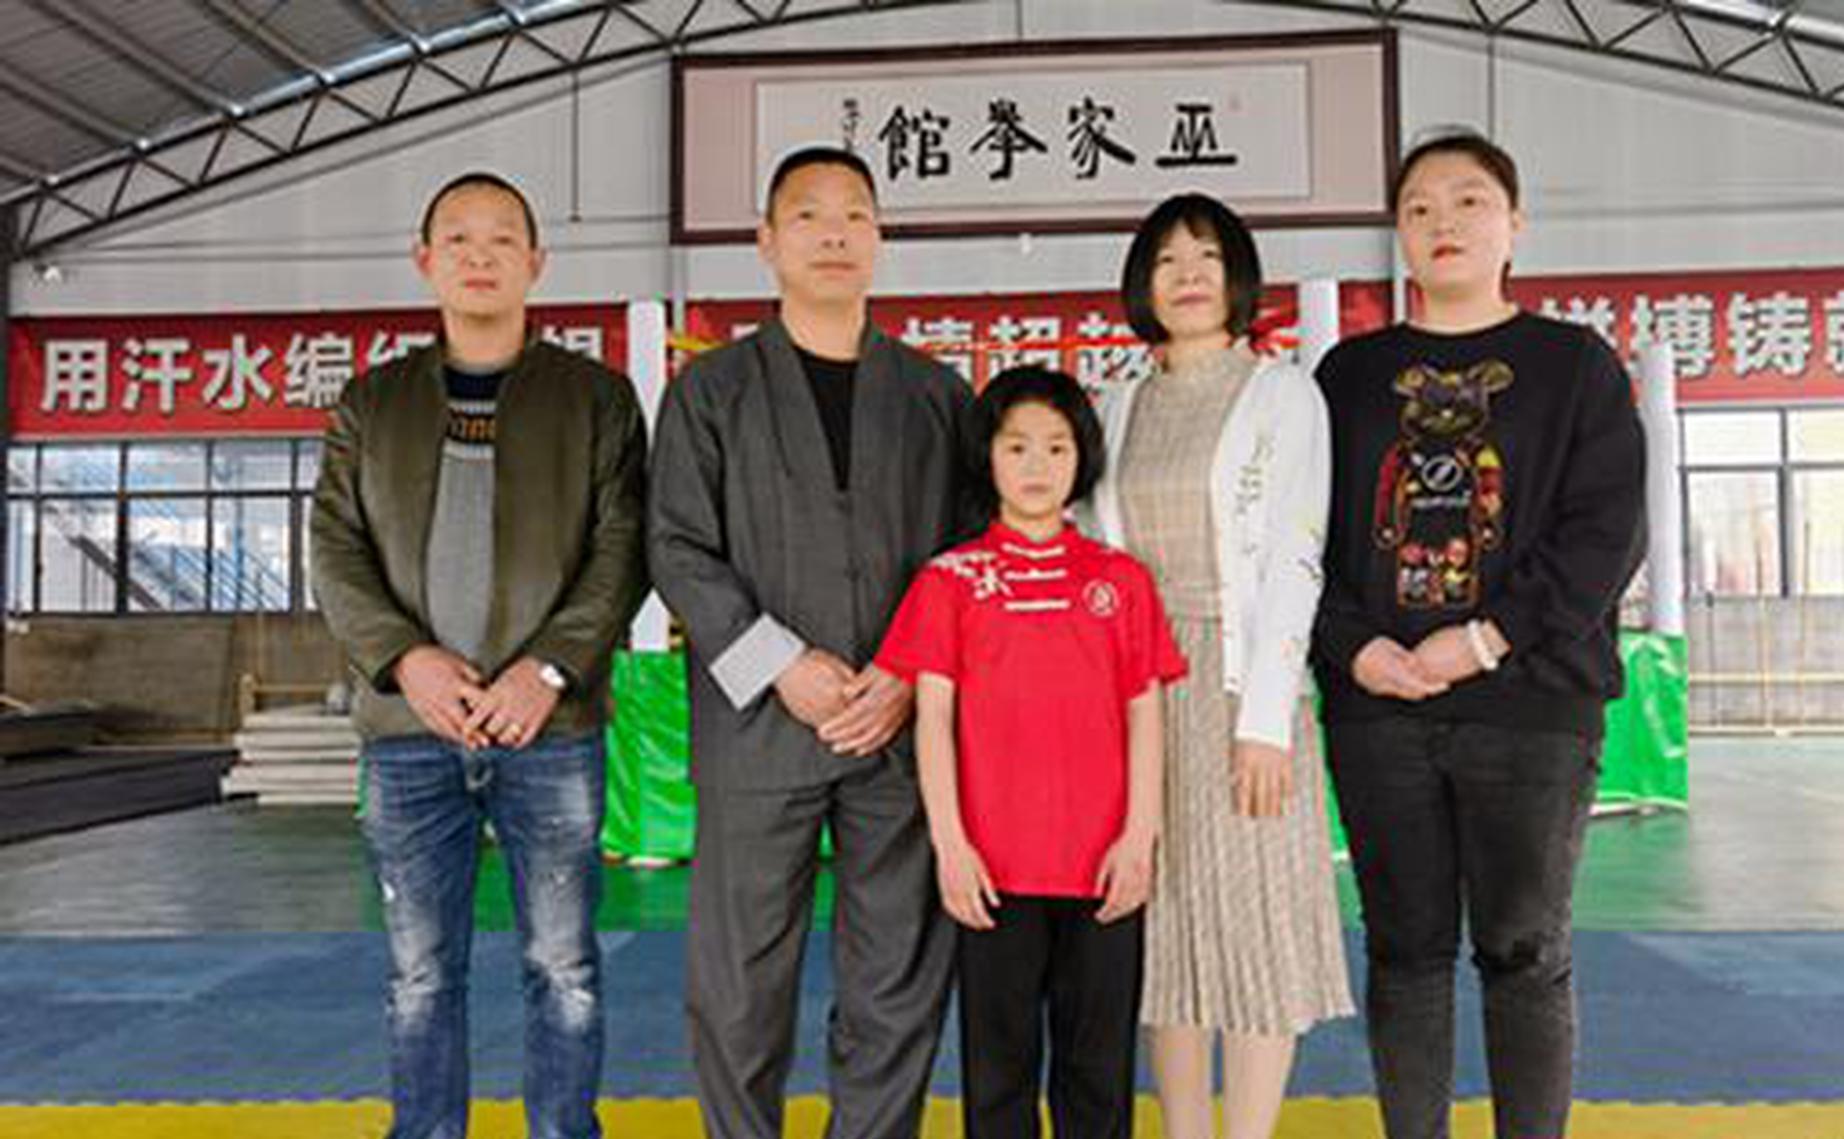 湘潭市一9岁女童被选调到滑板国家(集训)队试训